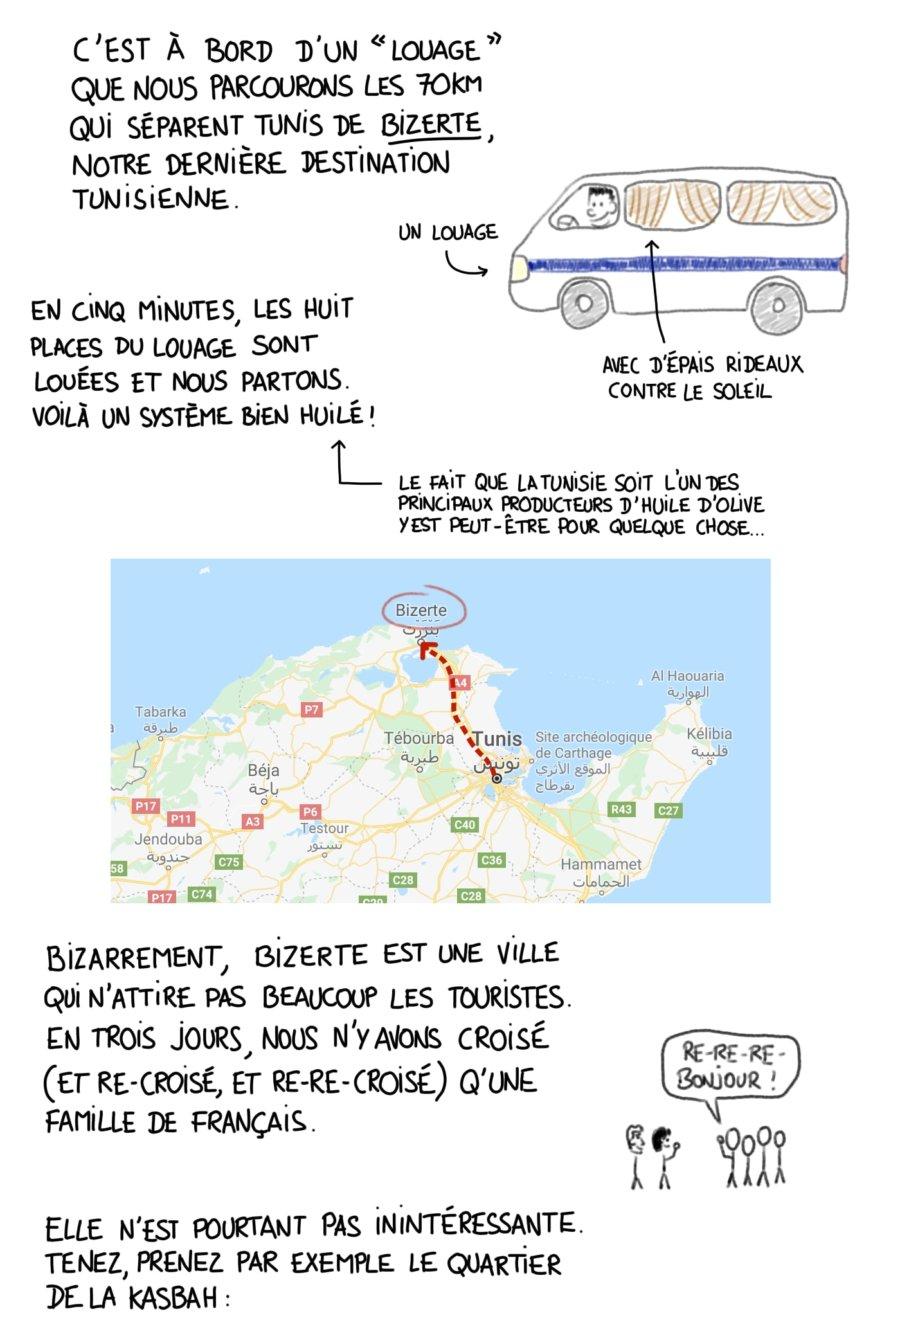 Nous rejoignons Bizerte en Louage depuis Tunis